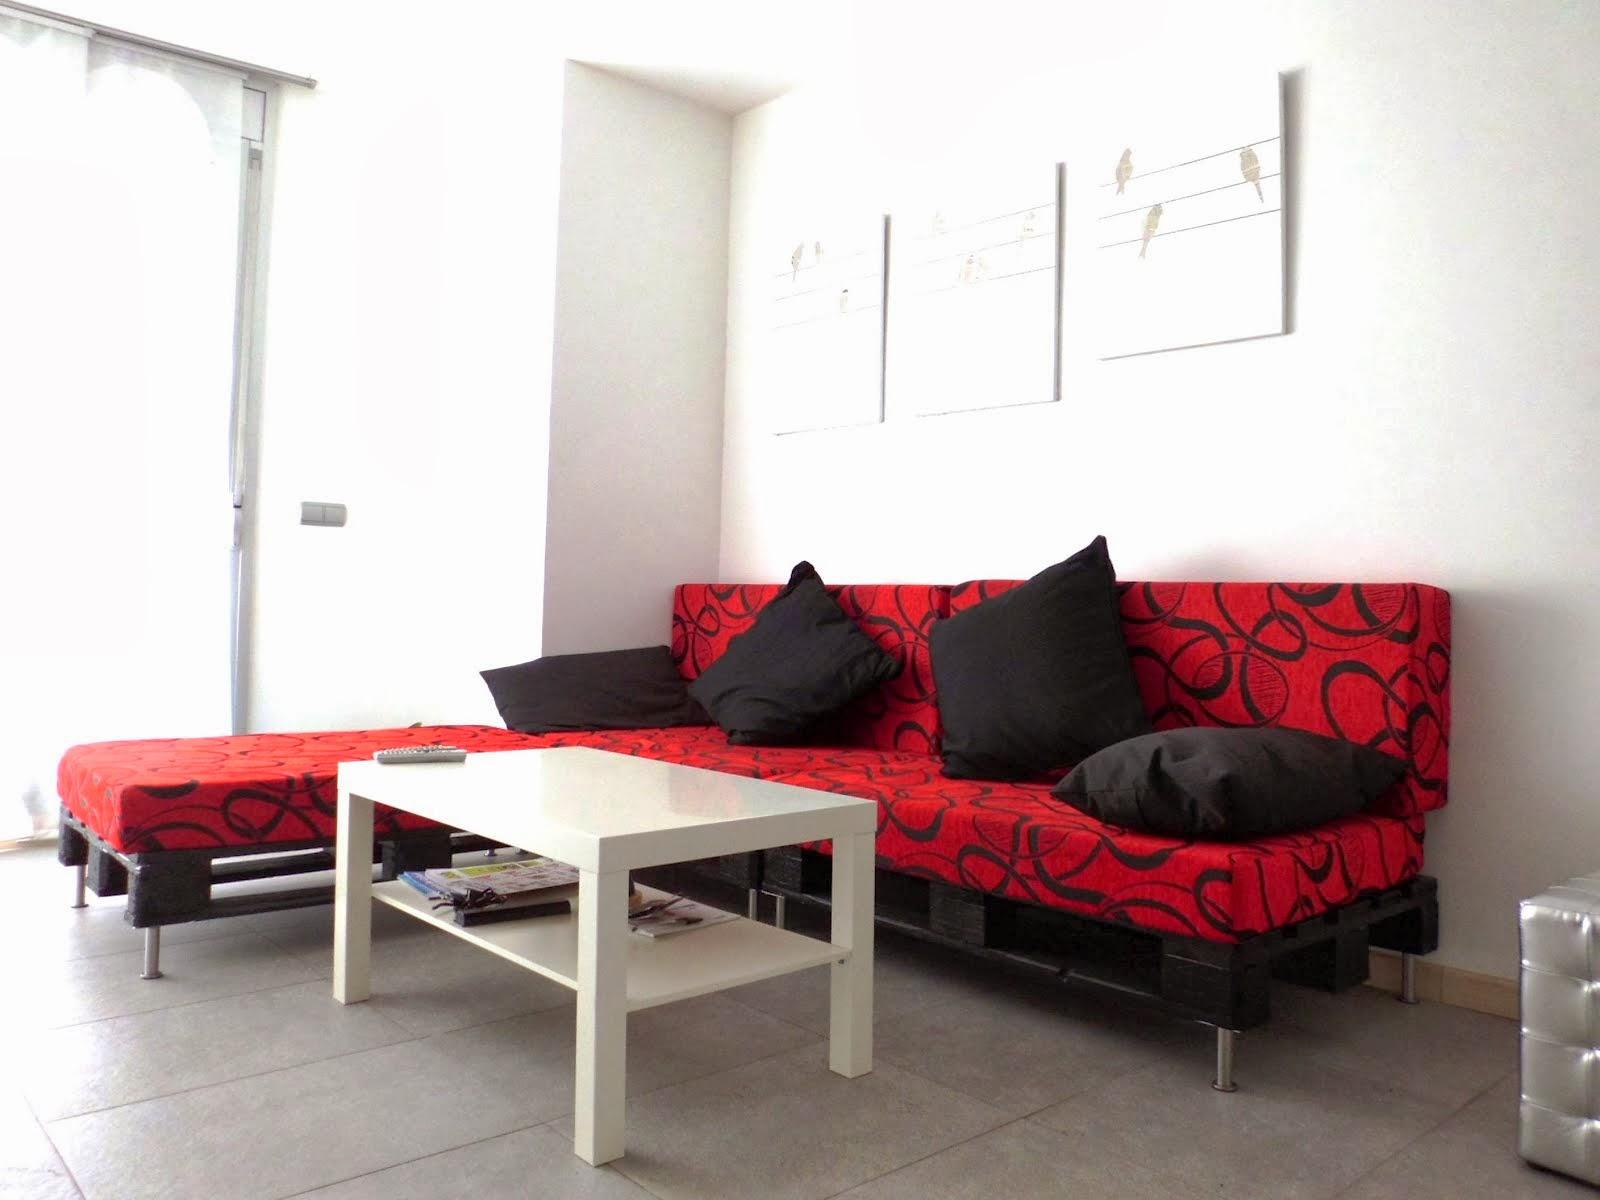 El verbo regalar reciclando ideas de muebles con palets - Muebles para regalar ...